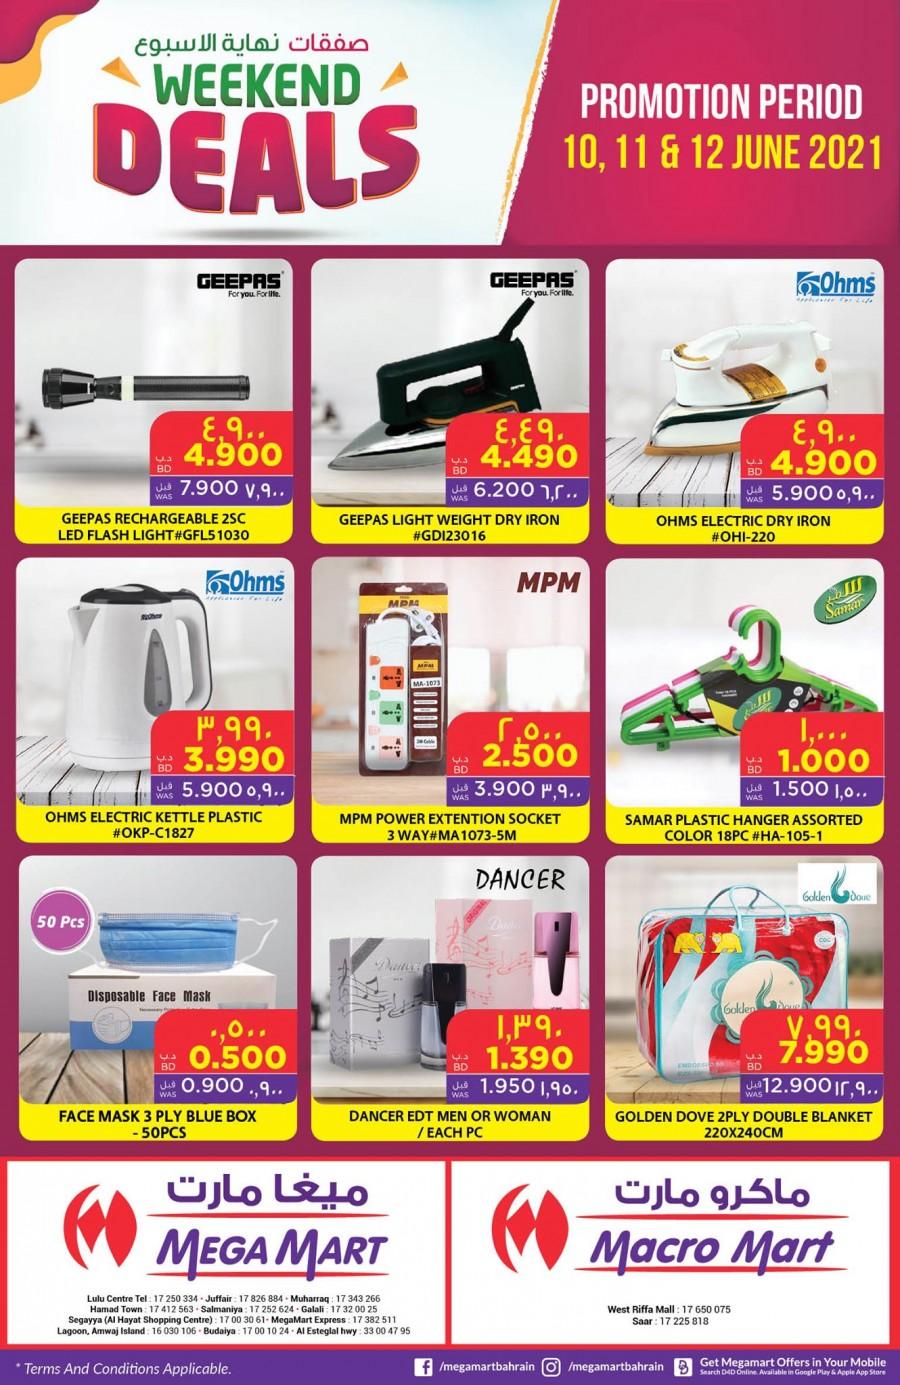 Mega Mart Grand Weekend Deals